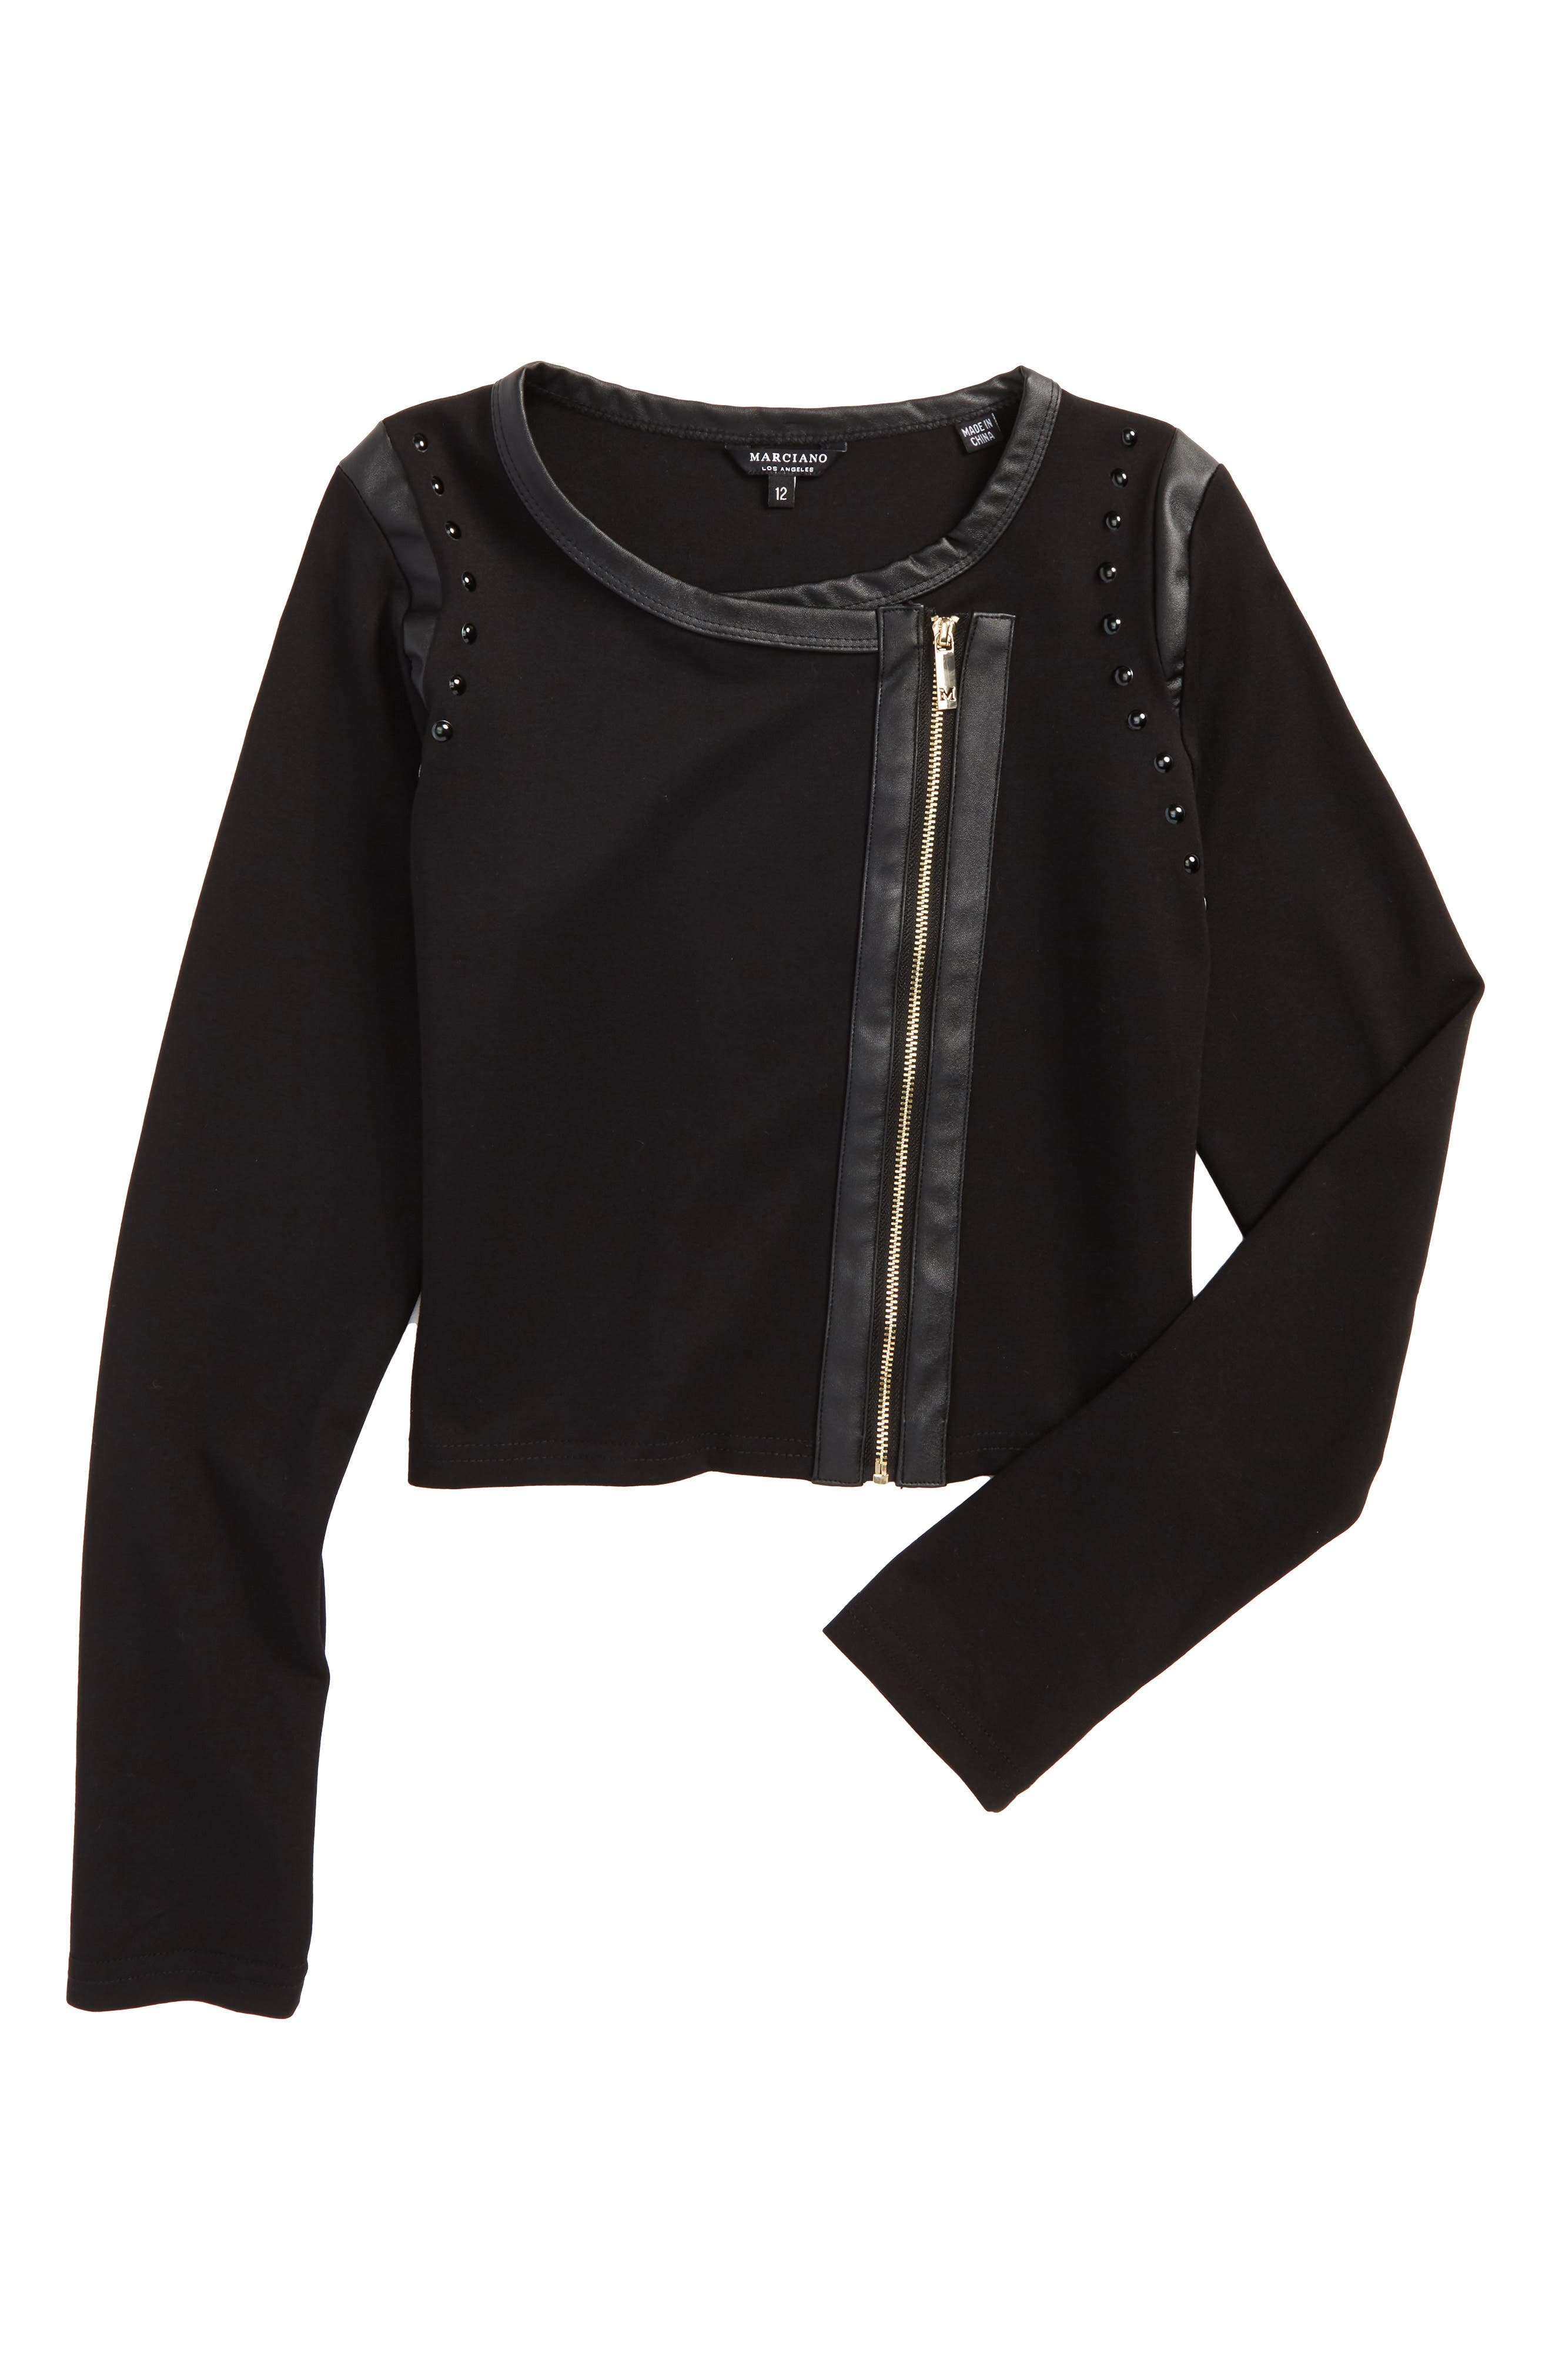 Main Image - Marciano Ponte Bolero Jacket